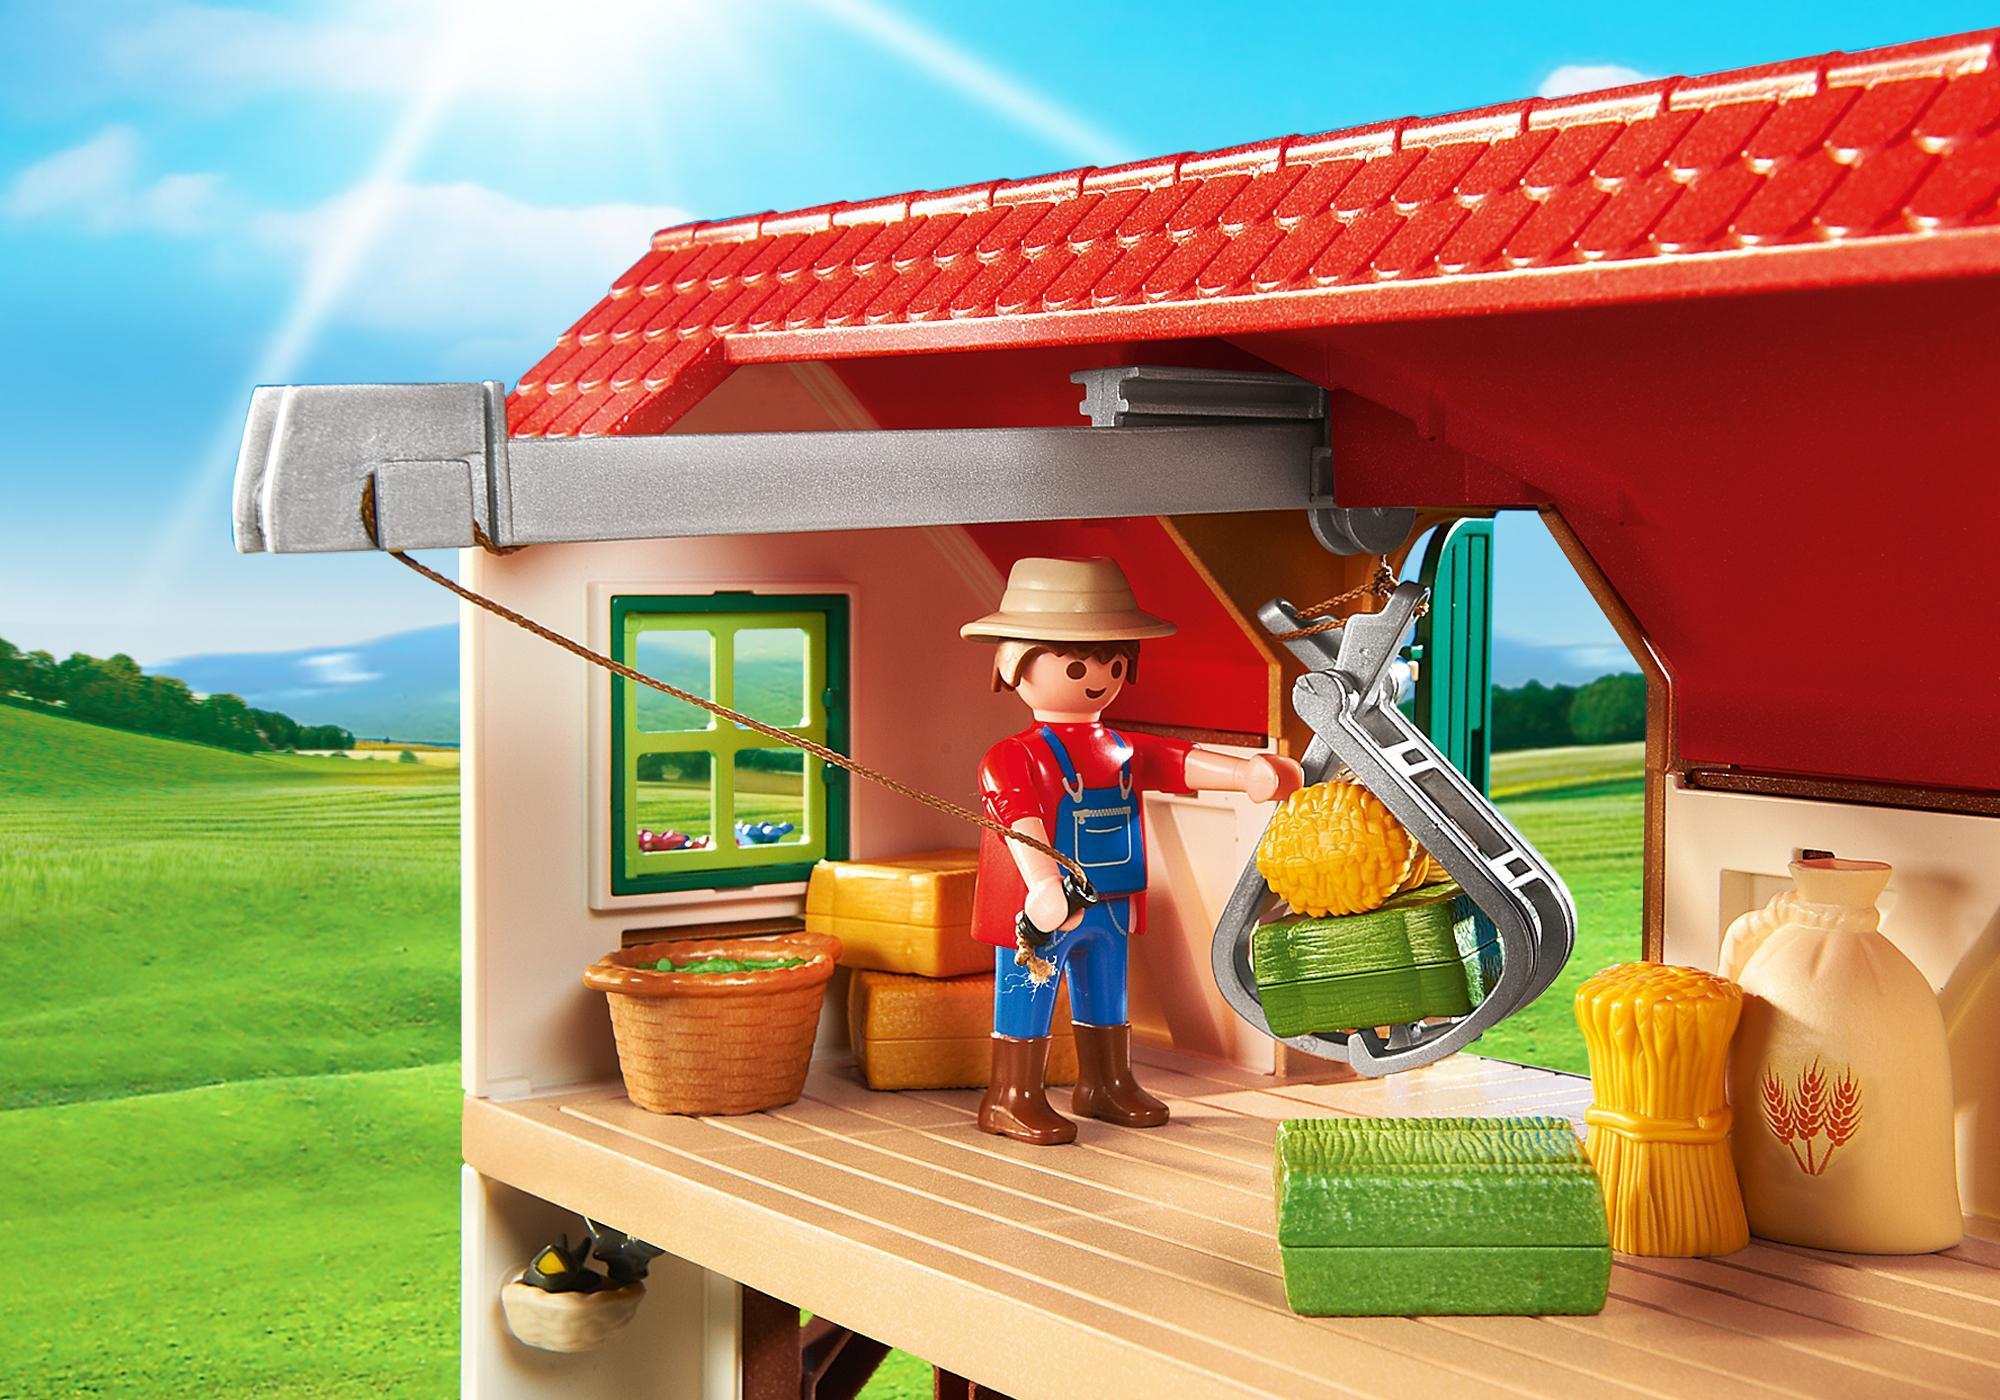 http://media.playmobil.com/i/playmobil/6120_product_extra3/Large Farm